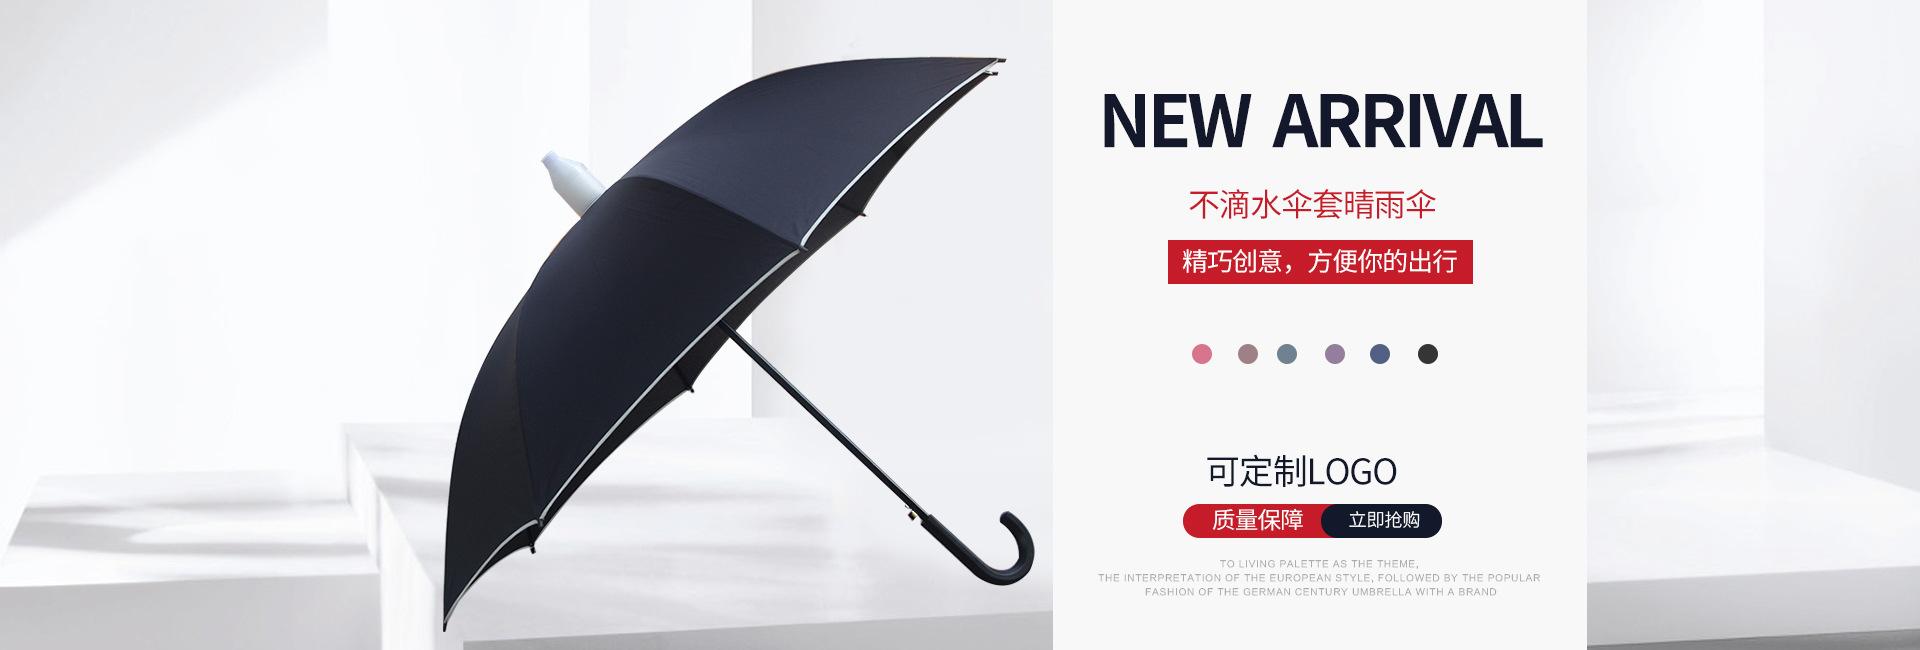 不滴水套晴雨伞